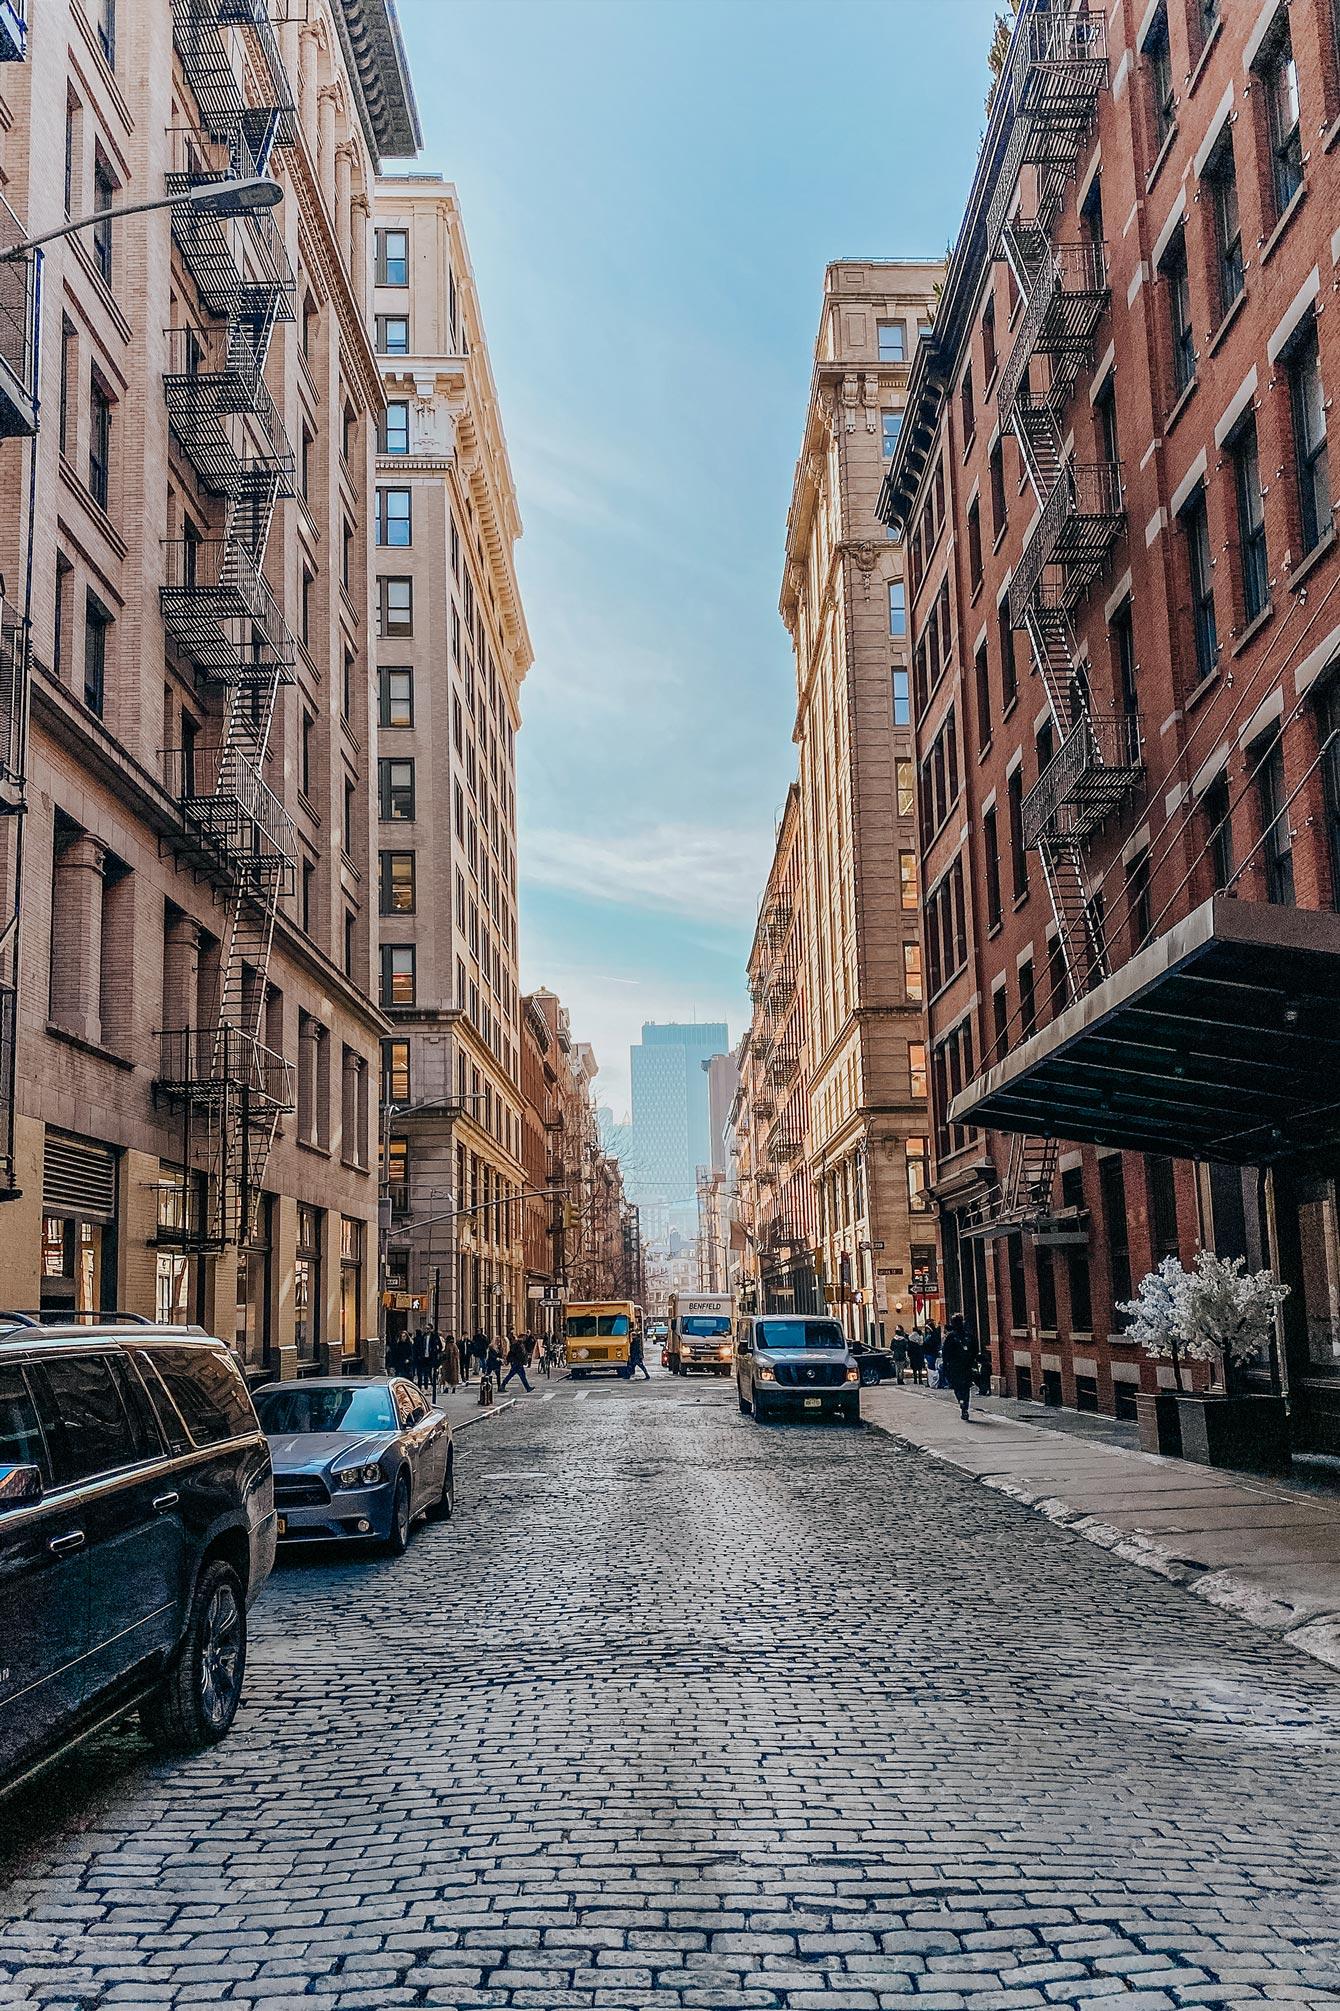 Soho New York Crosby Street